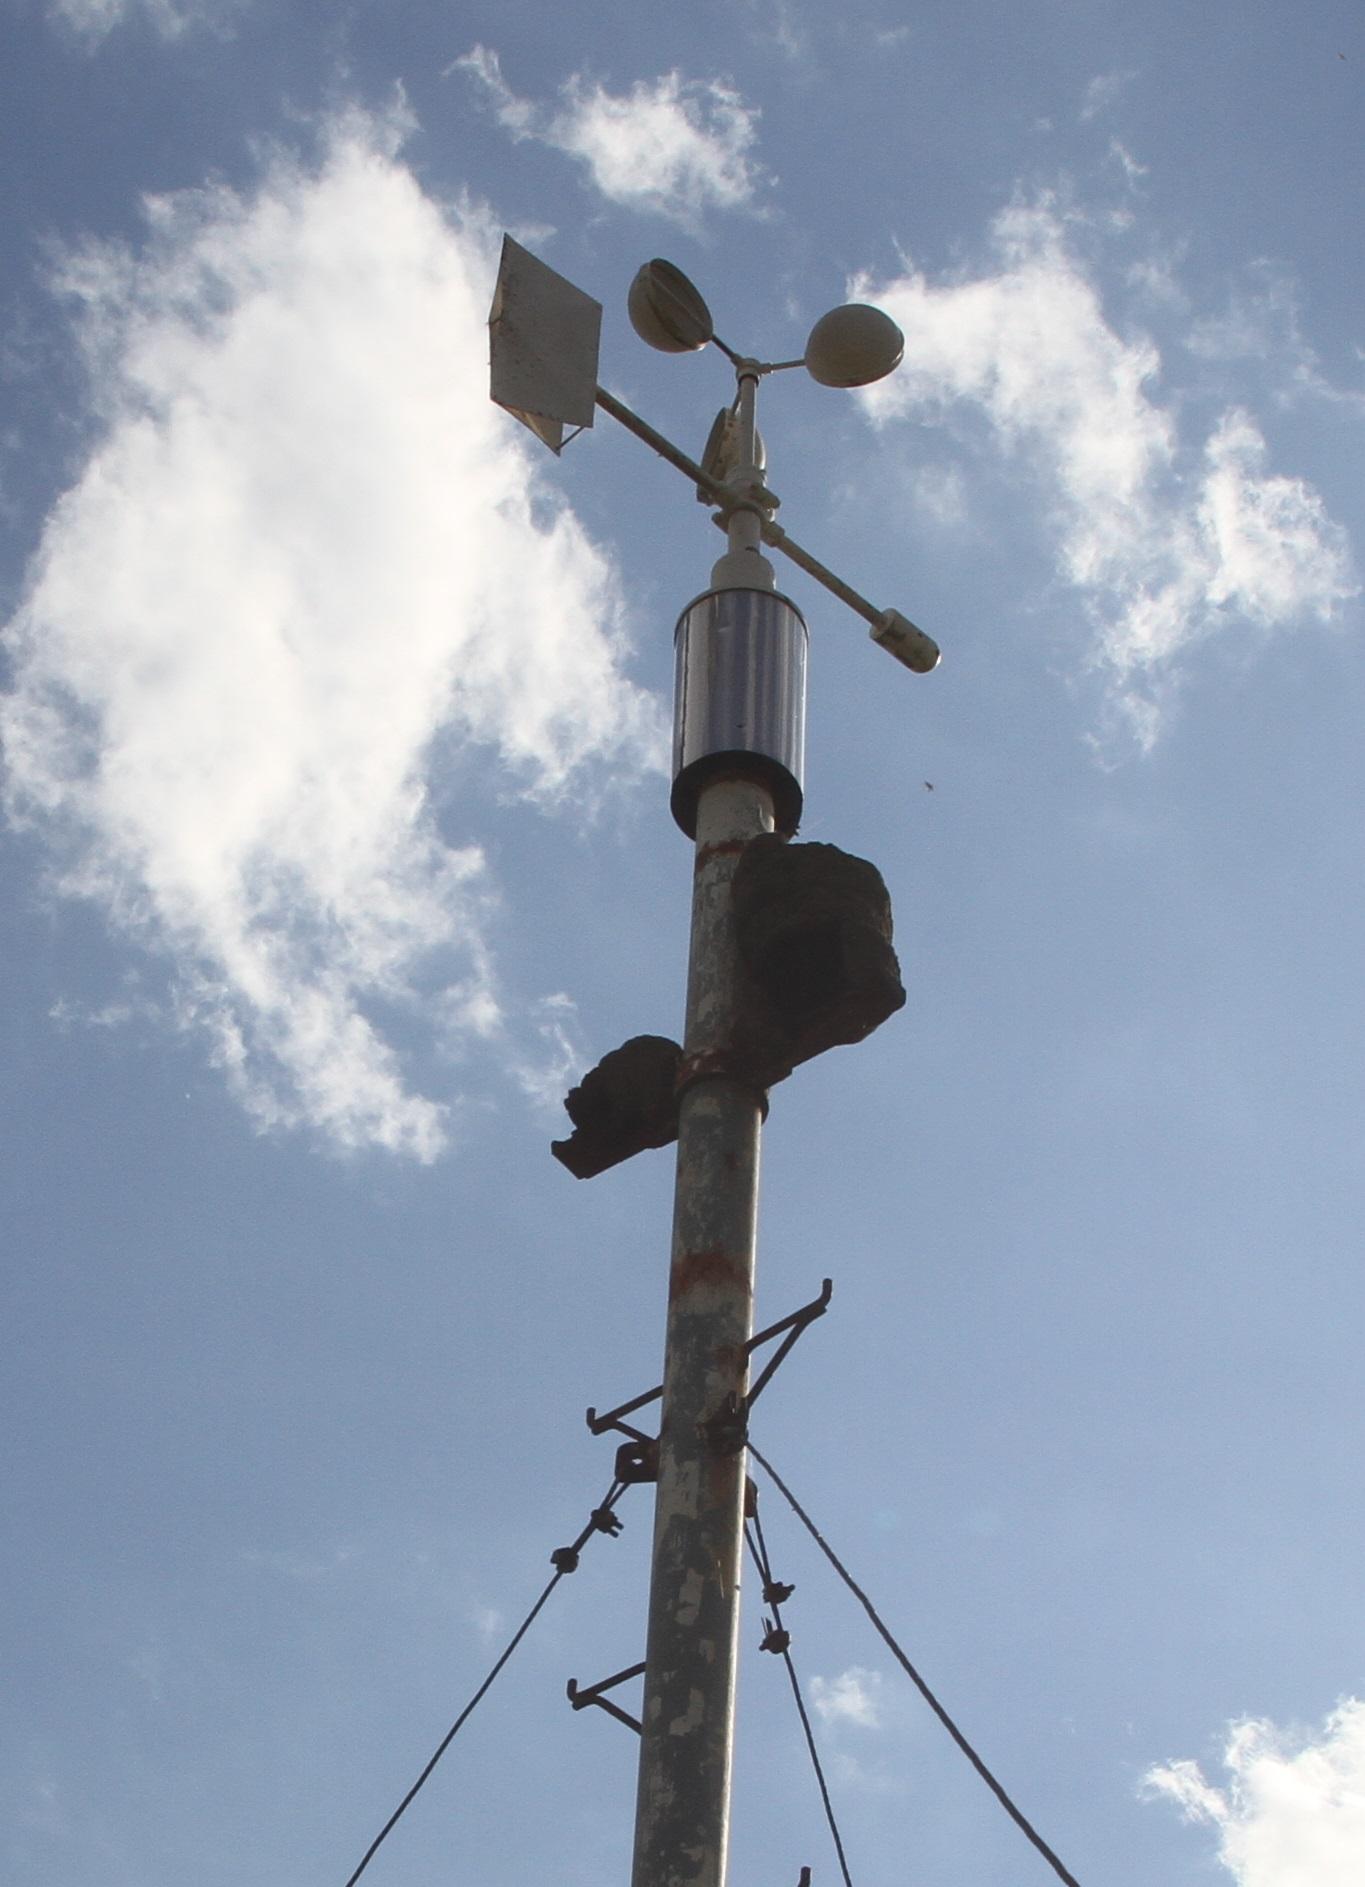 Imagem de instrumento semelhante a um poste de luz com dois semicírculos na ponta